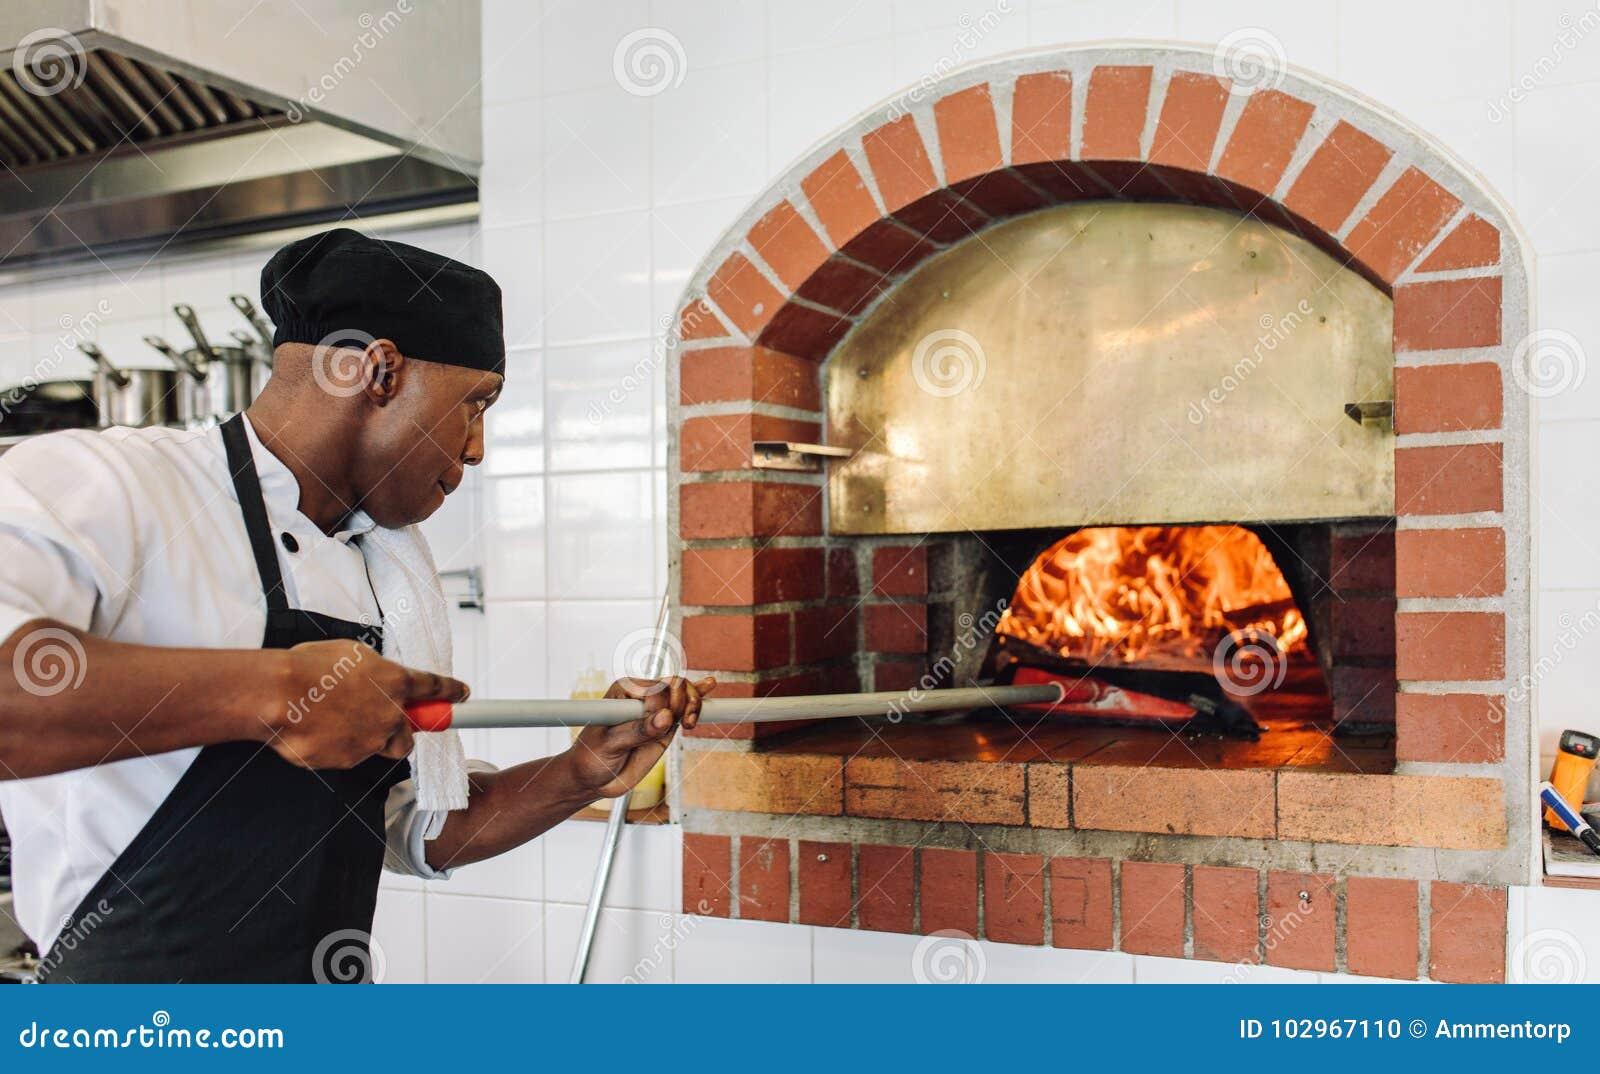 Szef kuchni wypiekowa pizza w drewno podpalającym piekarniku